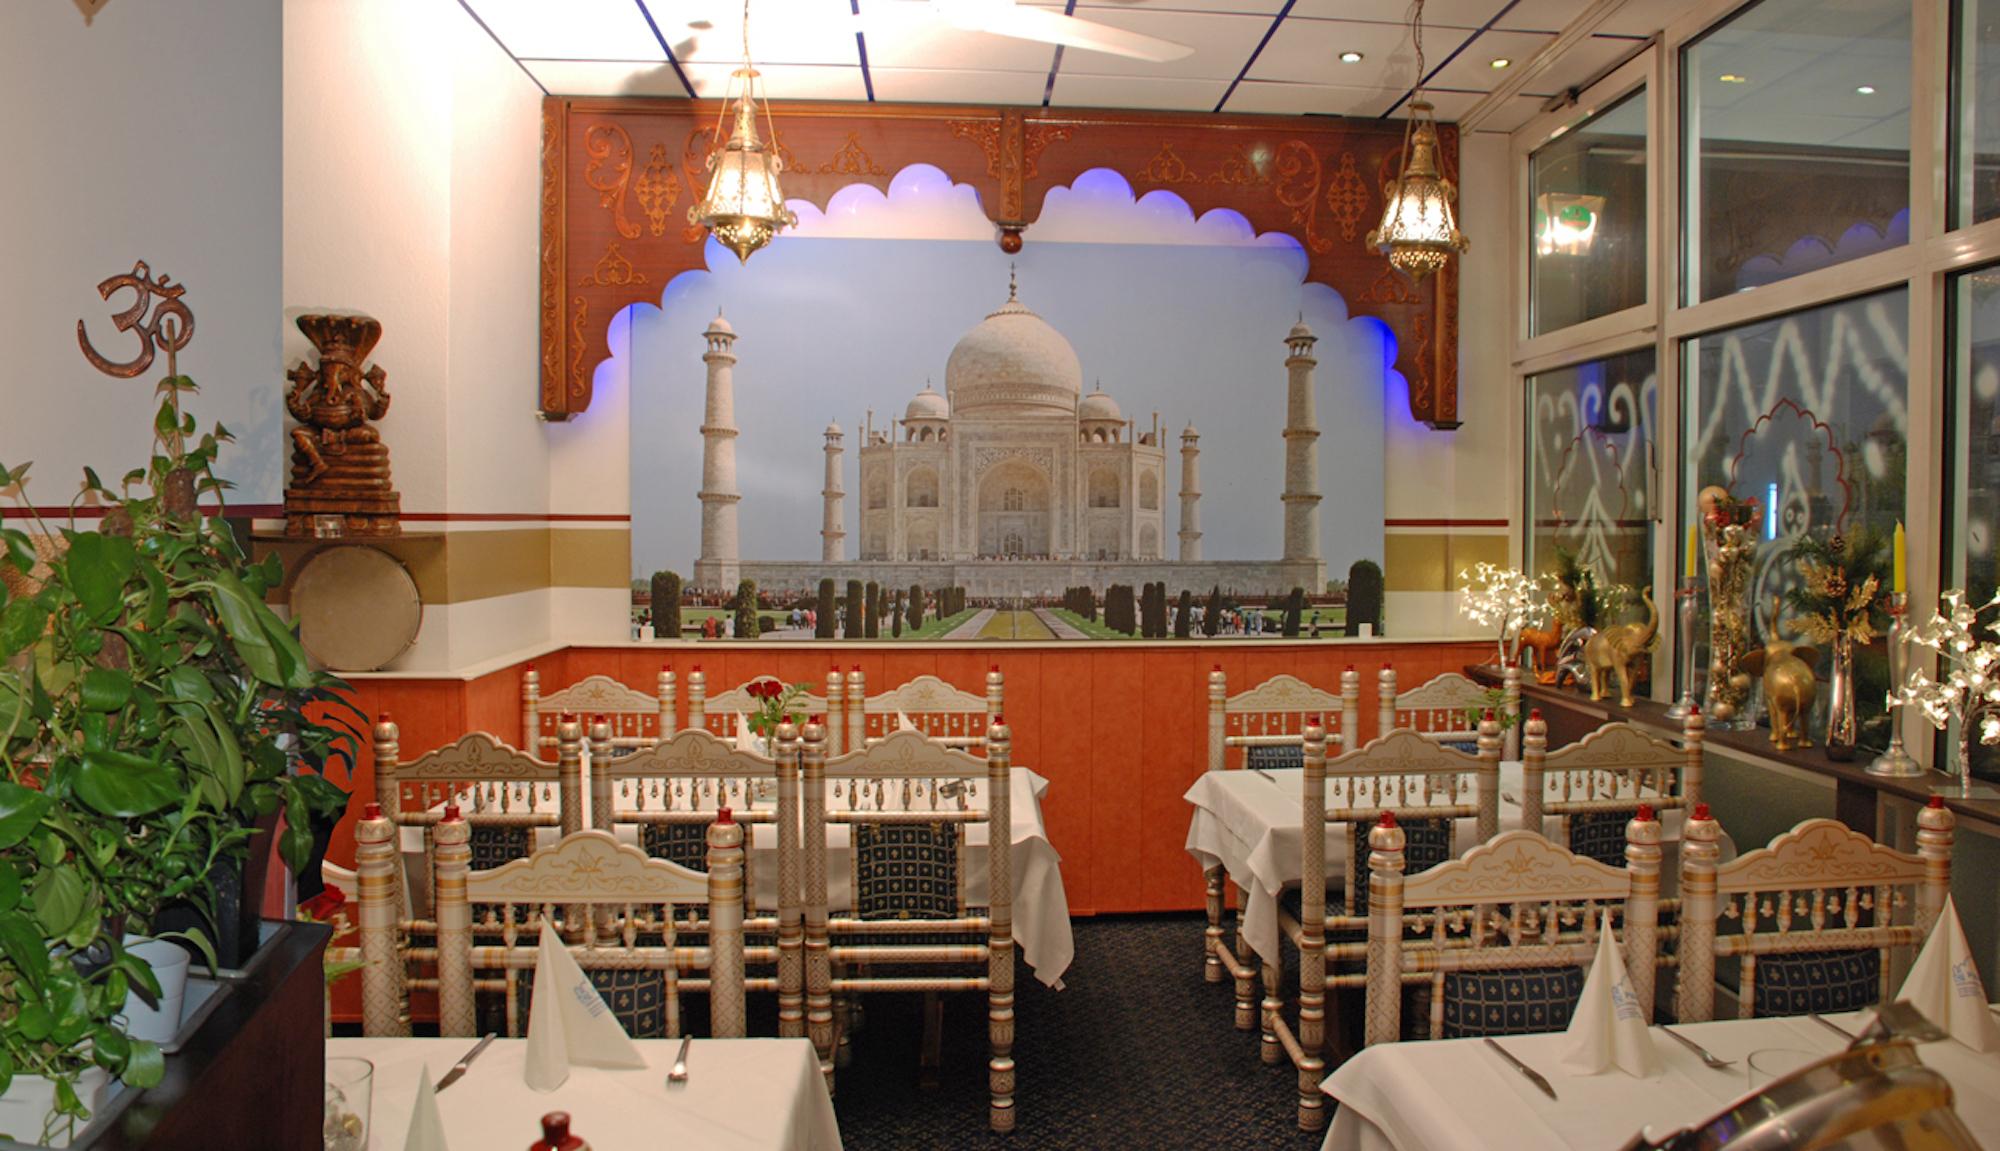 Tajpalace   Indisches Restaurant Karlsruhe bestimmt für Karlsruhe Indisches Restaurant